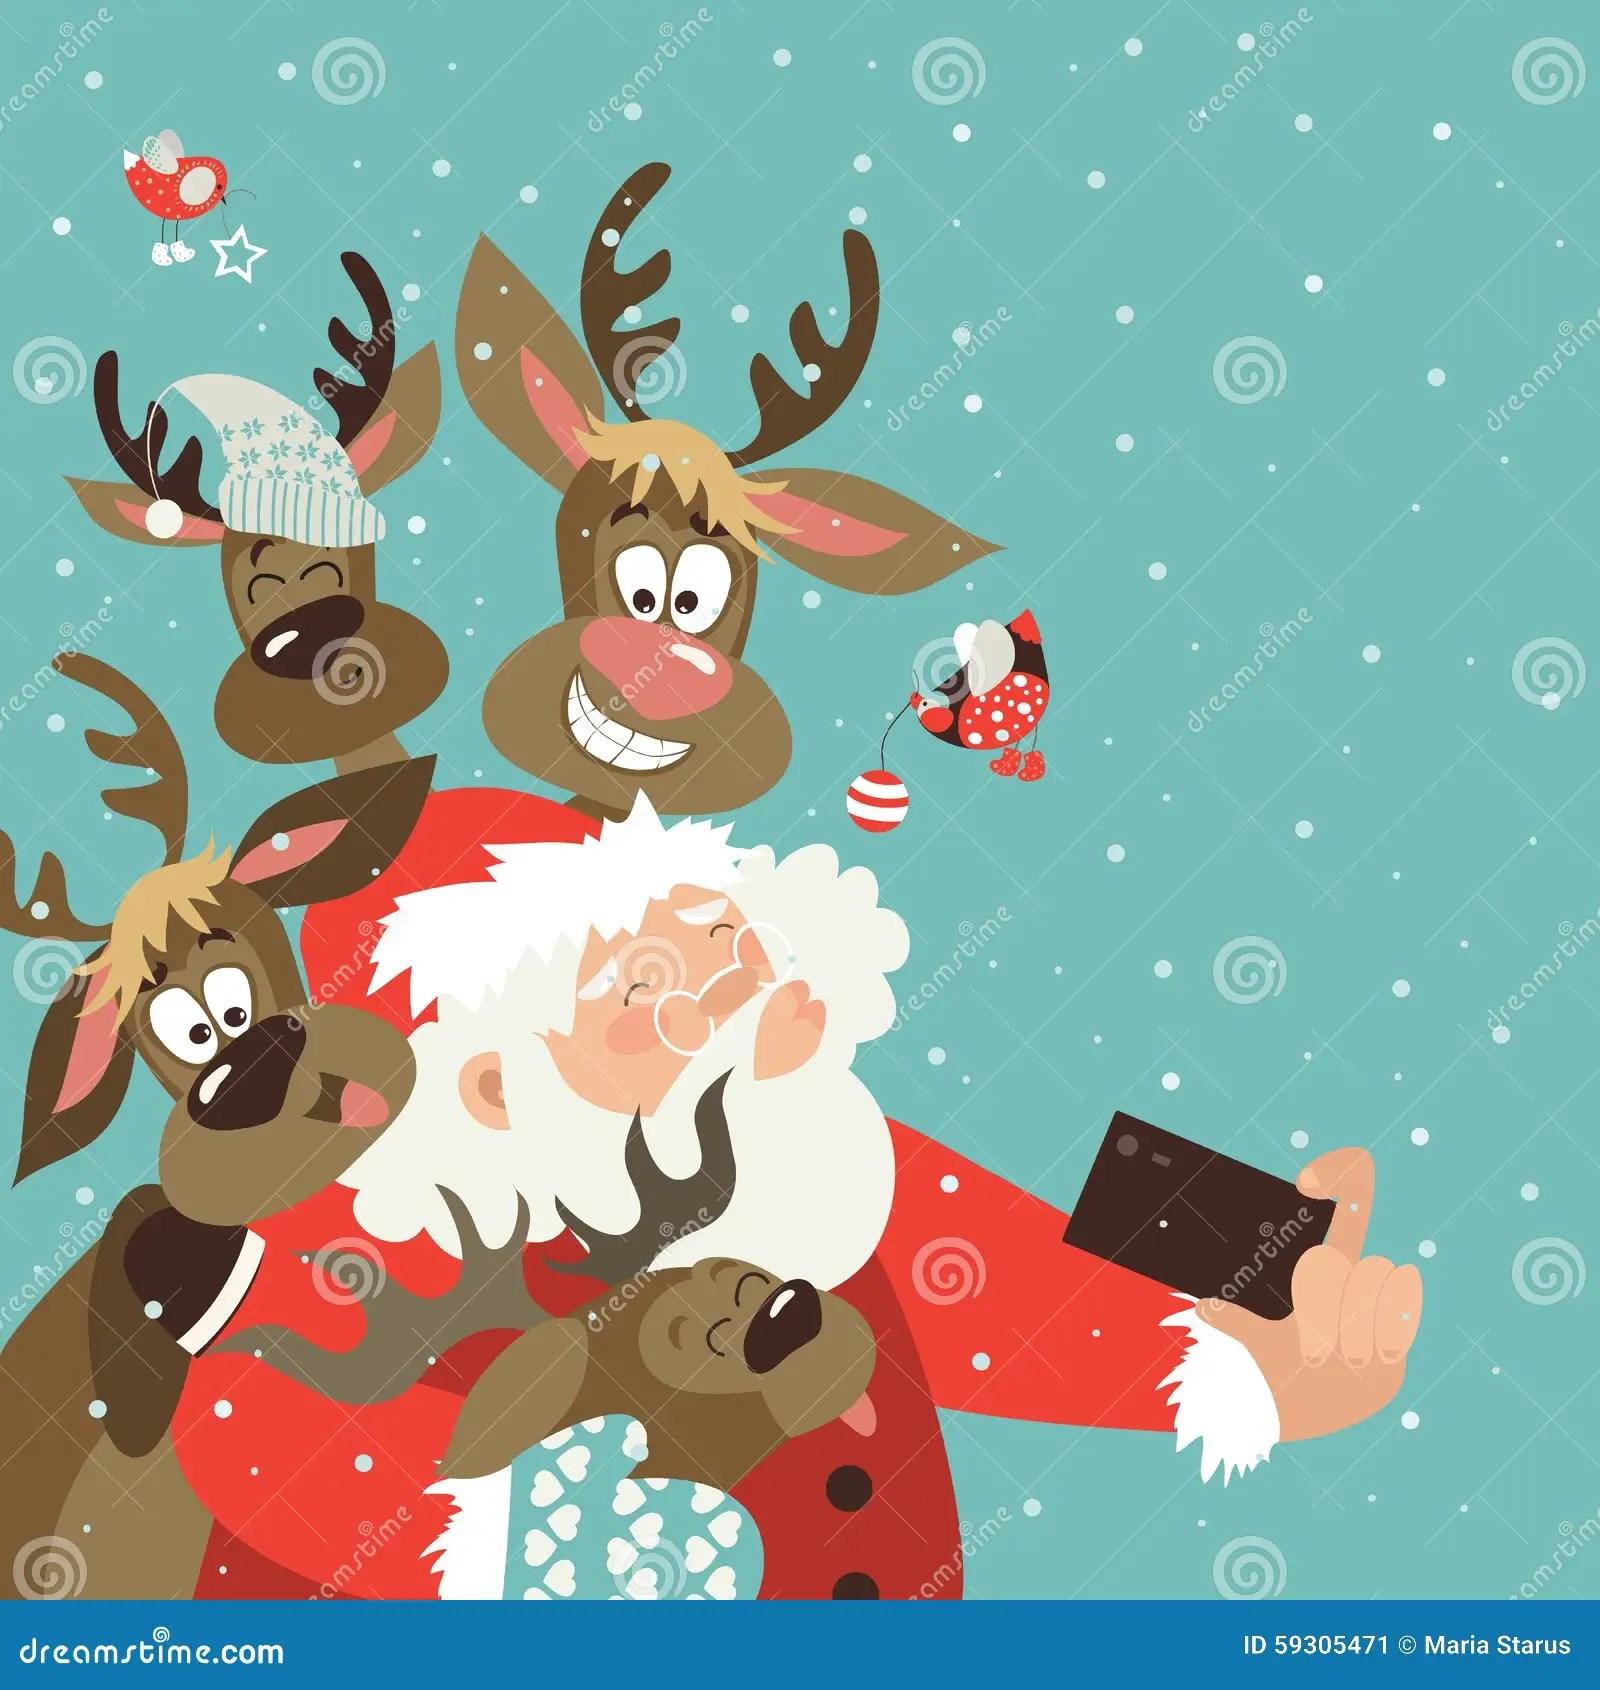 Santa And Reindeers Take A Selfie Stock Vector Image